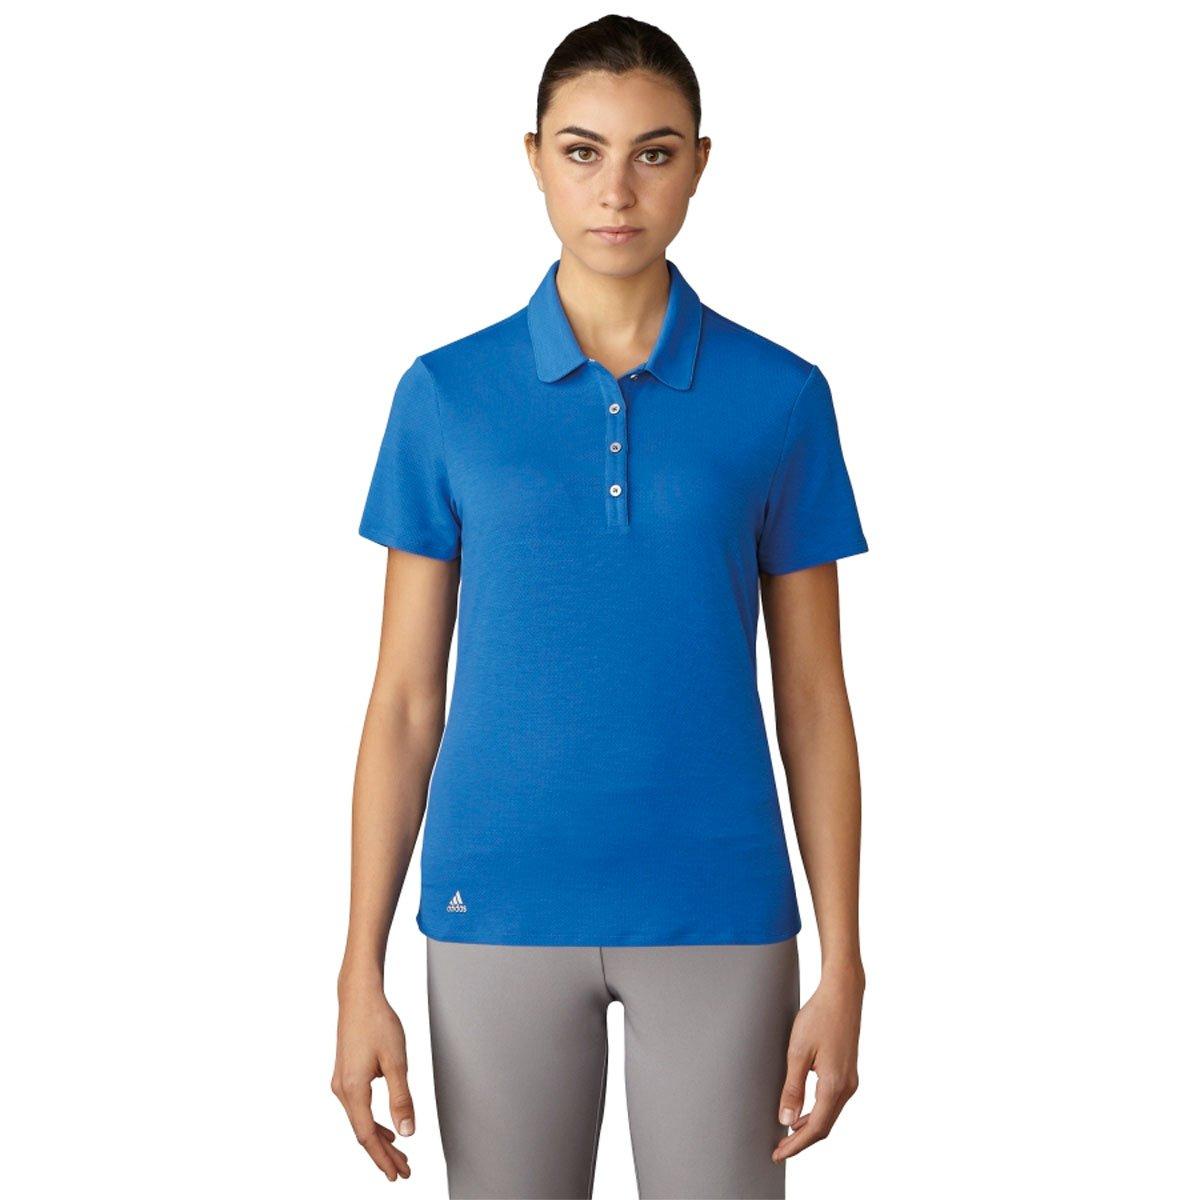 Adidas Golfレディース範囲WearポロTシャツ B01J23RBSE XL|ブルー ブルー XL